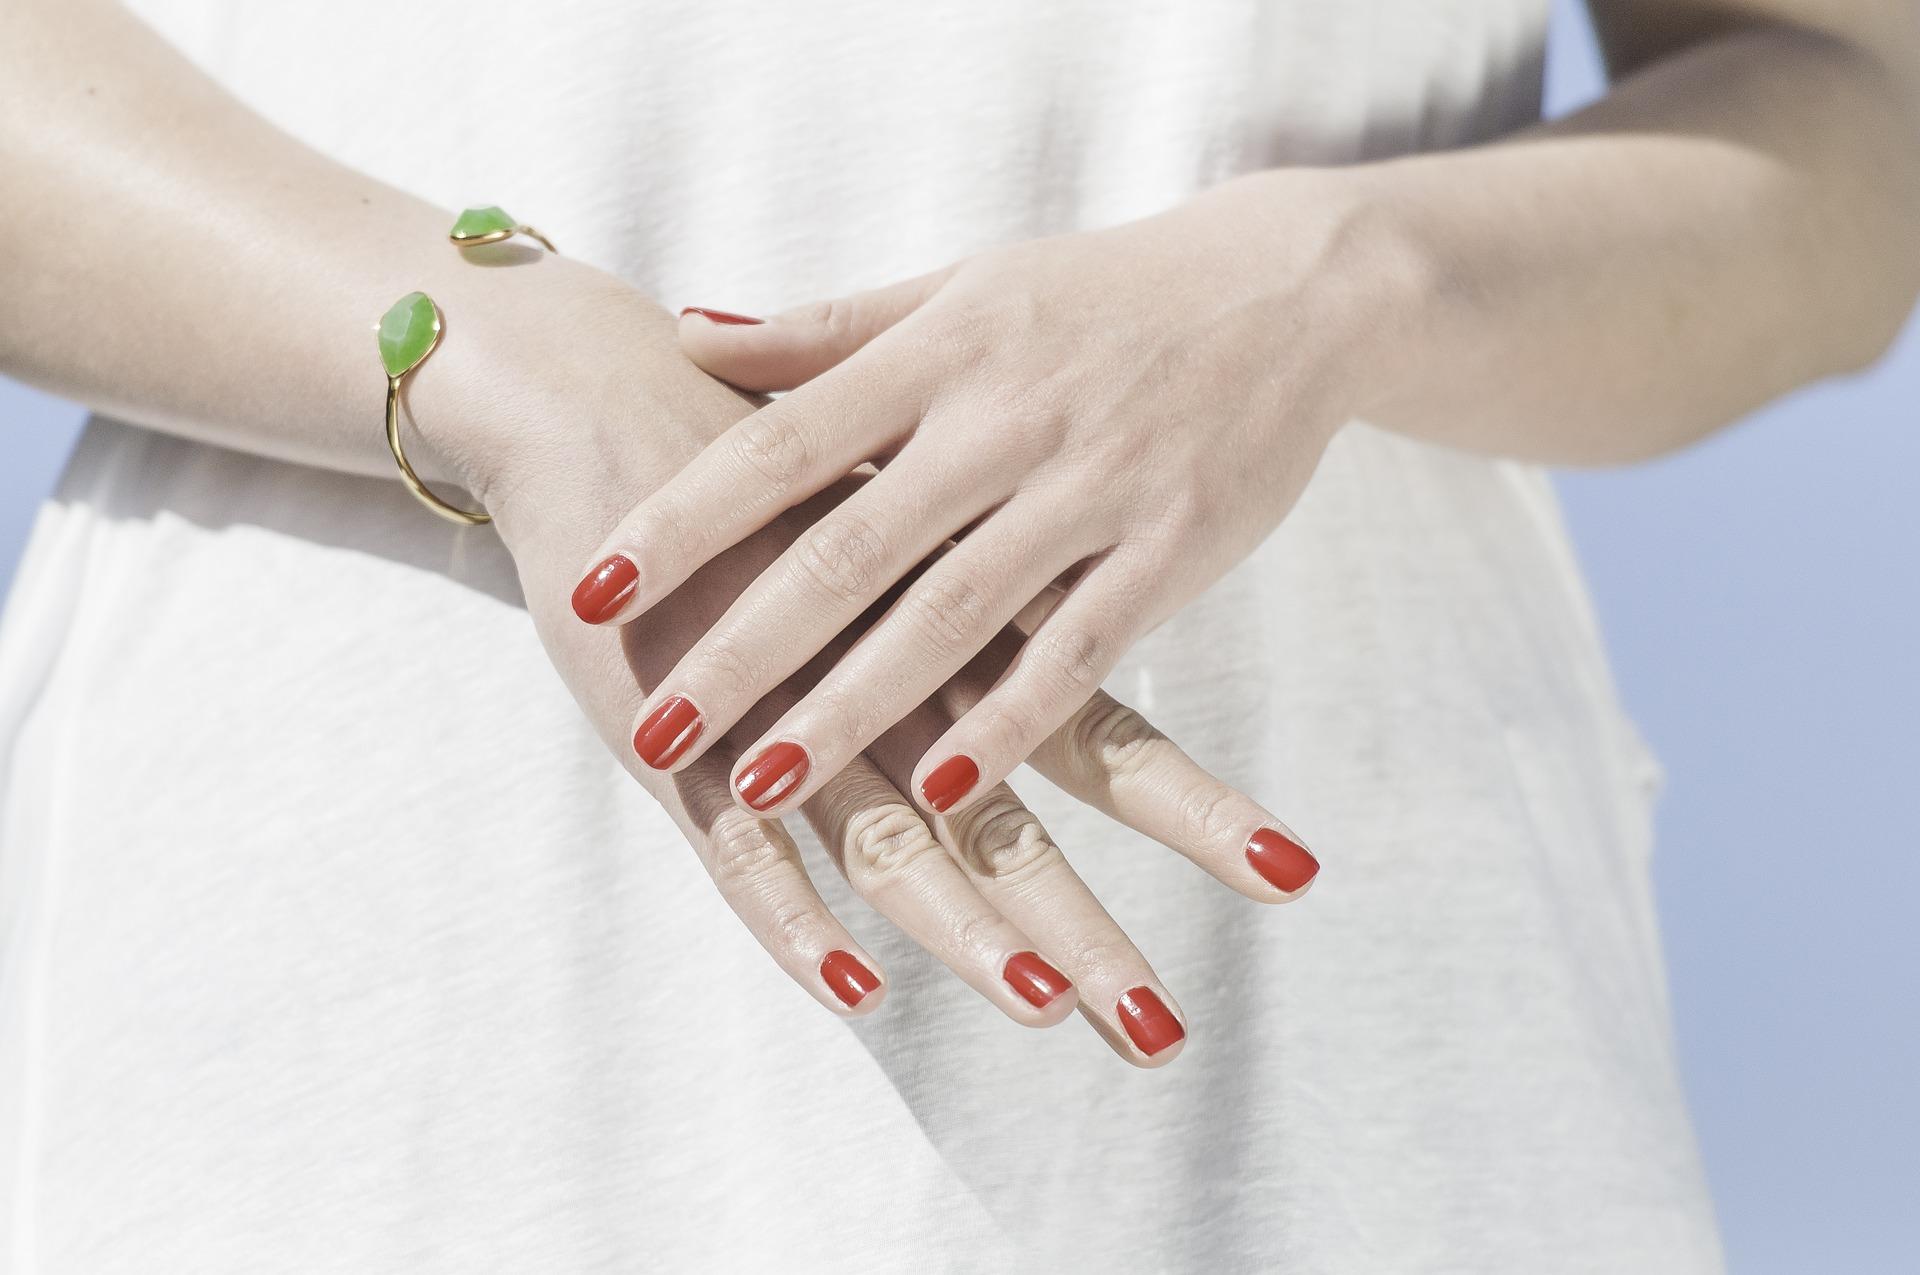 hands-1751637_1920.jpg